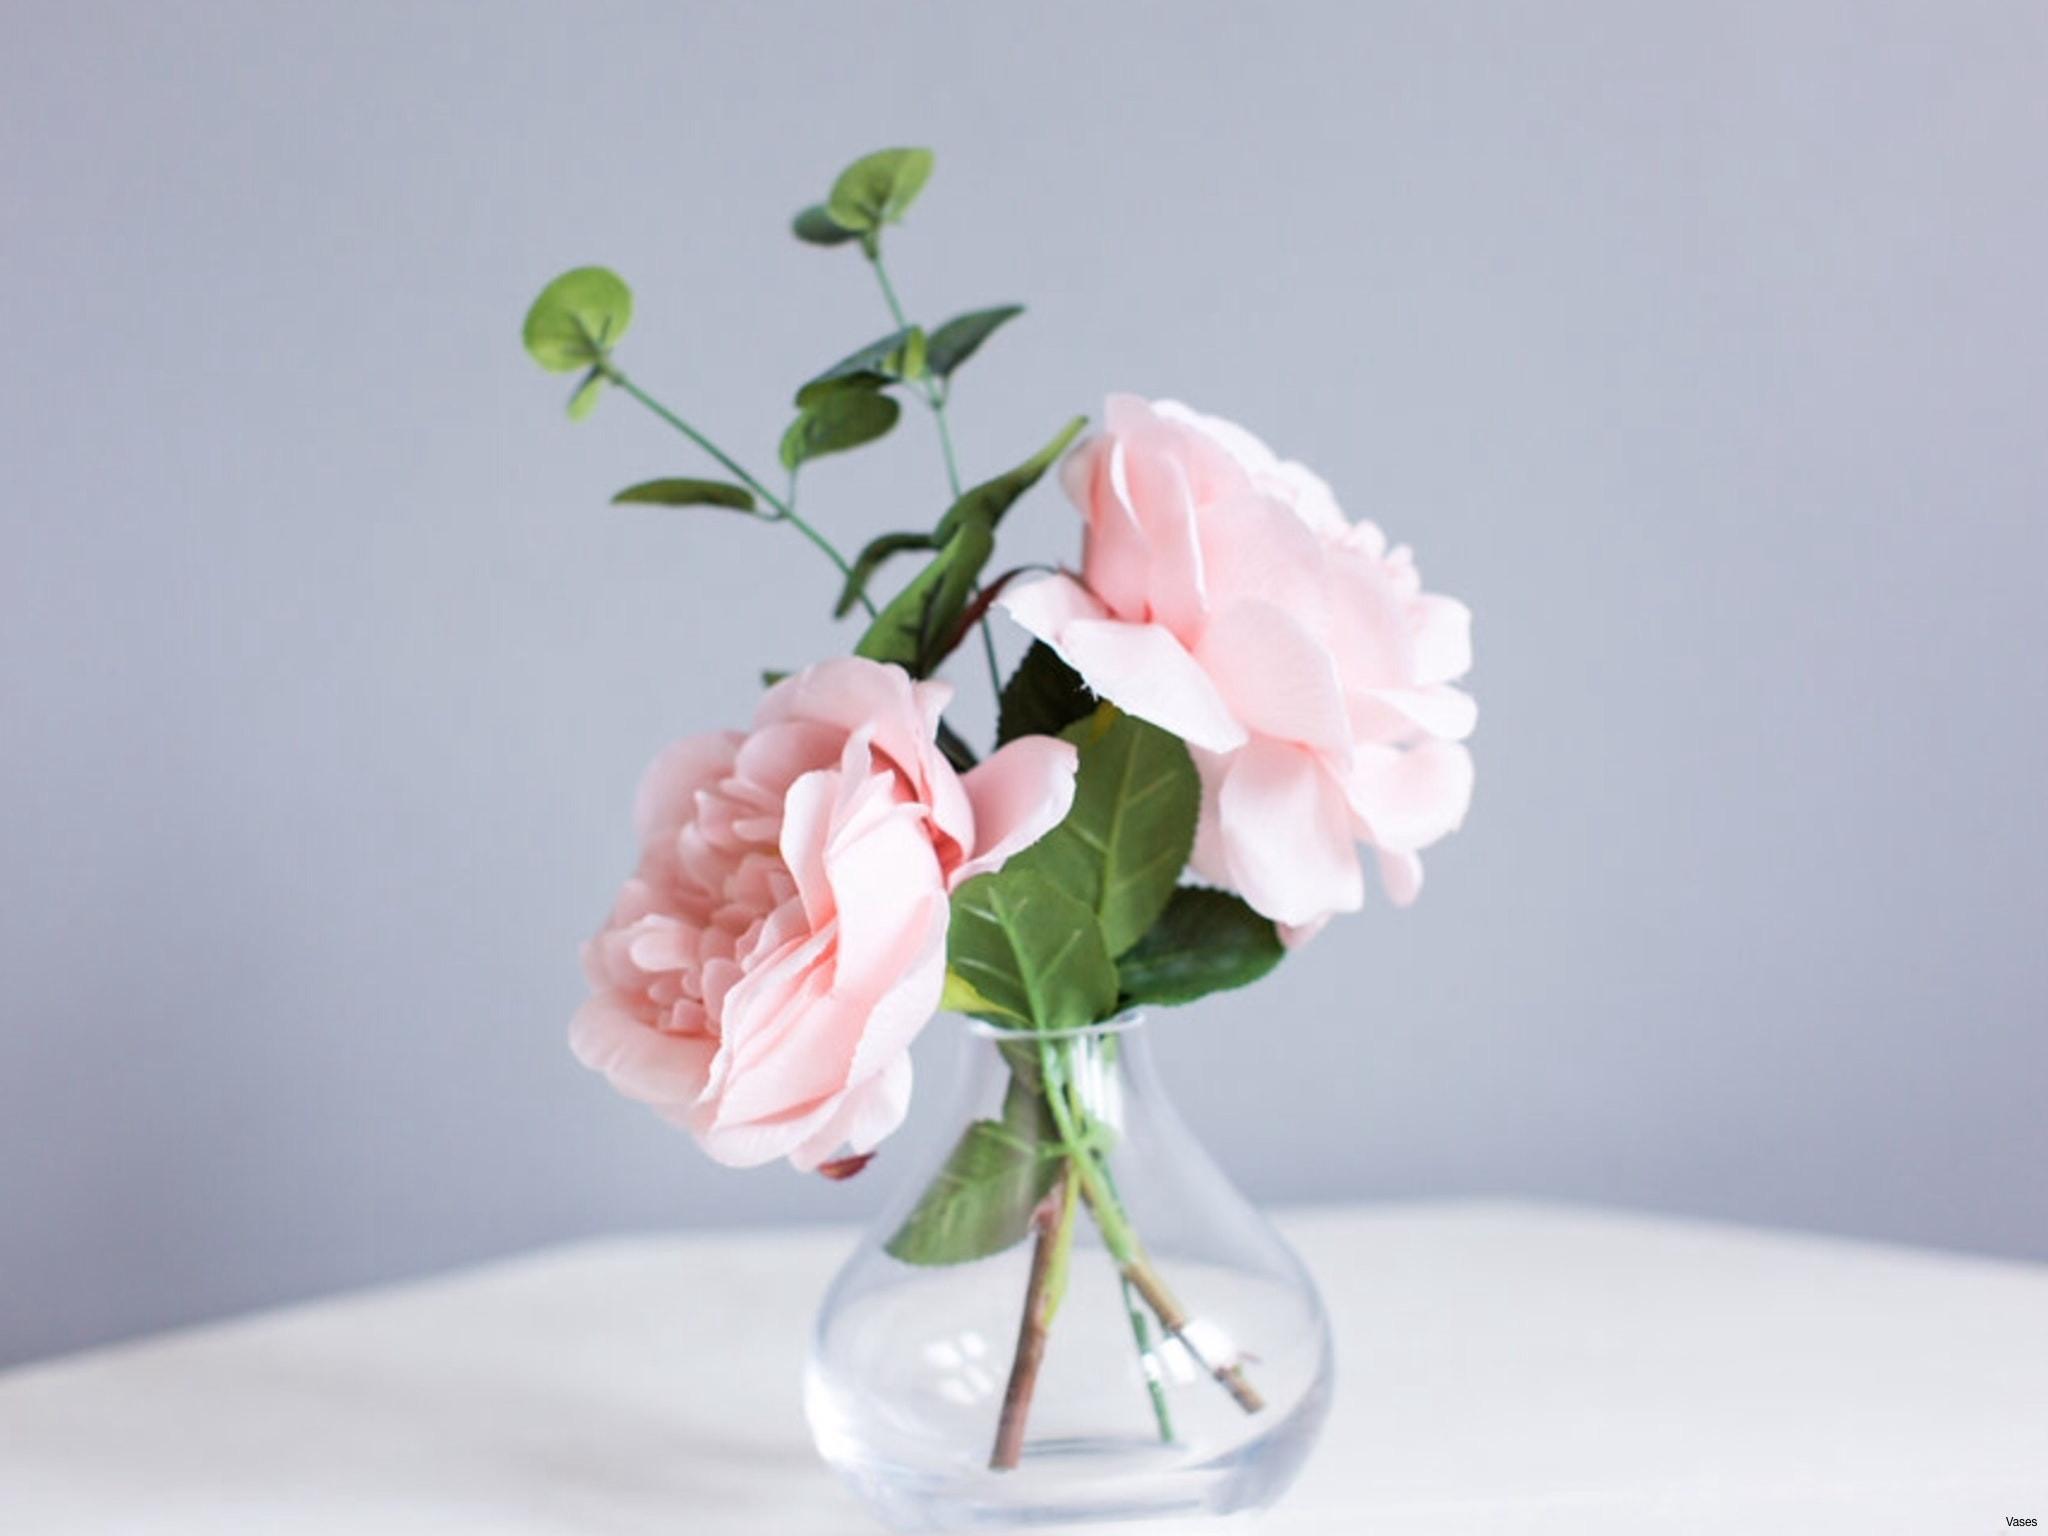 H Vases Bud Vase Flower Arrangements I 0d for Inspiration Design Design Christmas Flower Bouquets